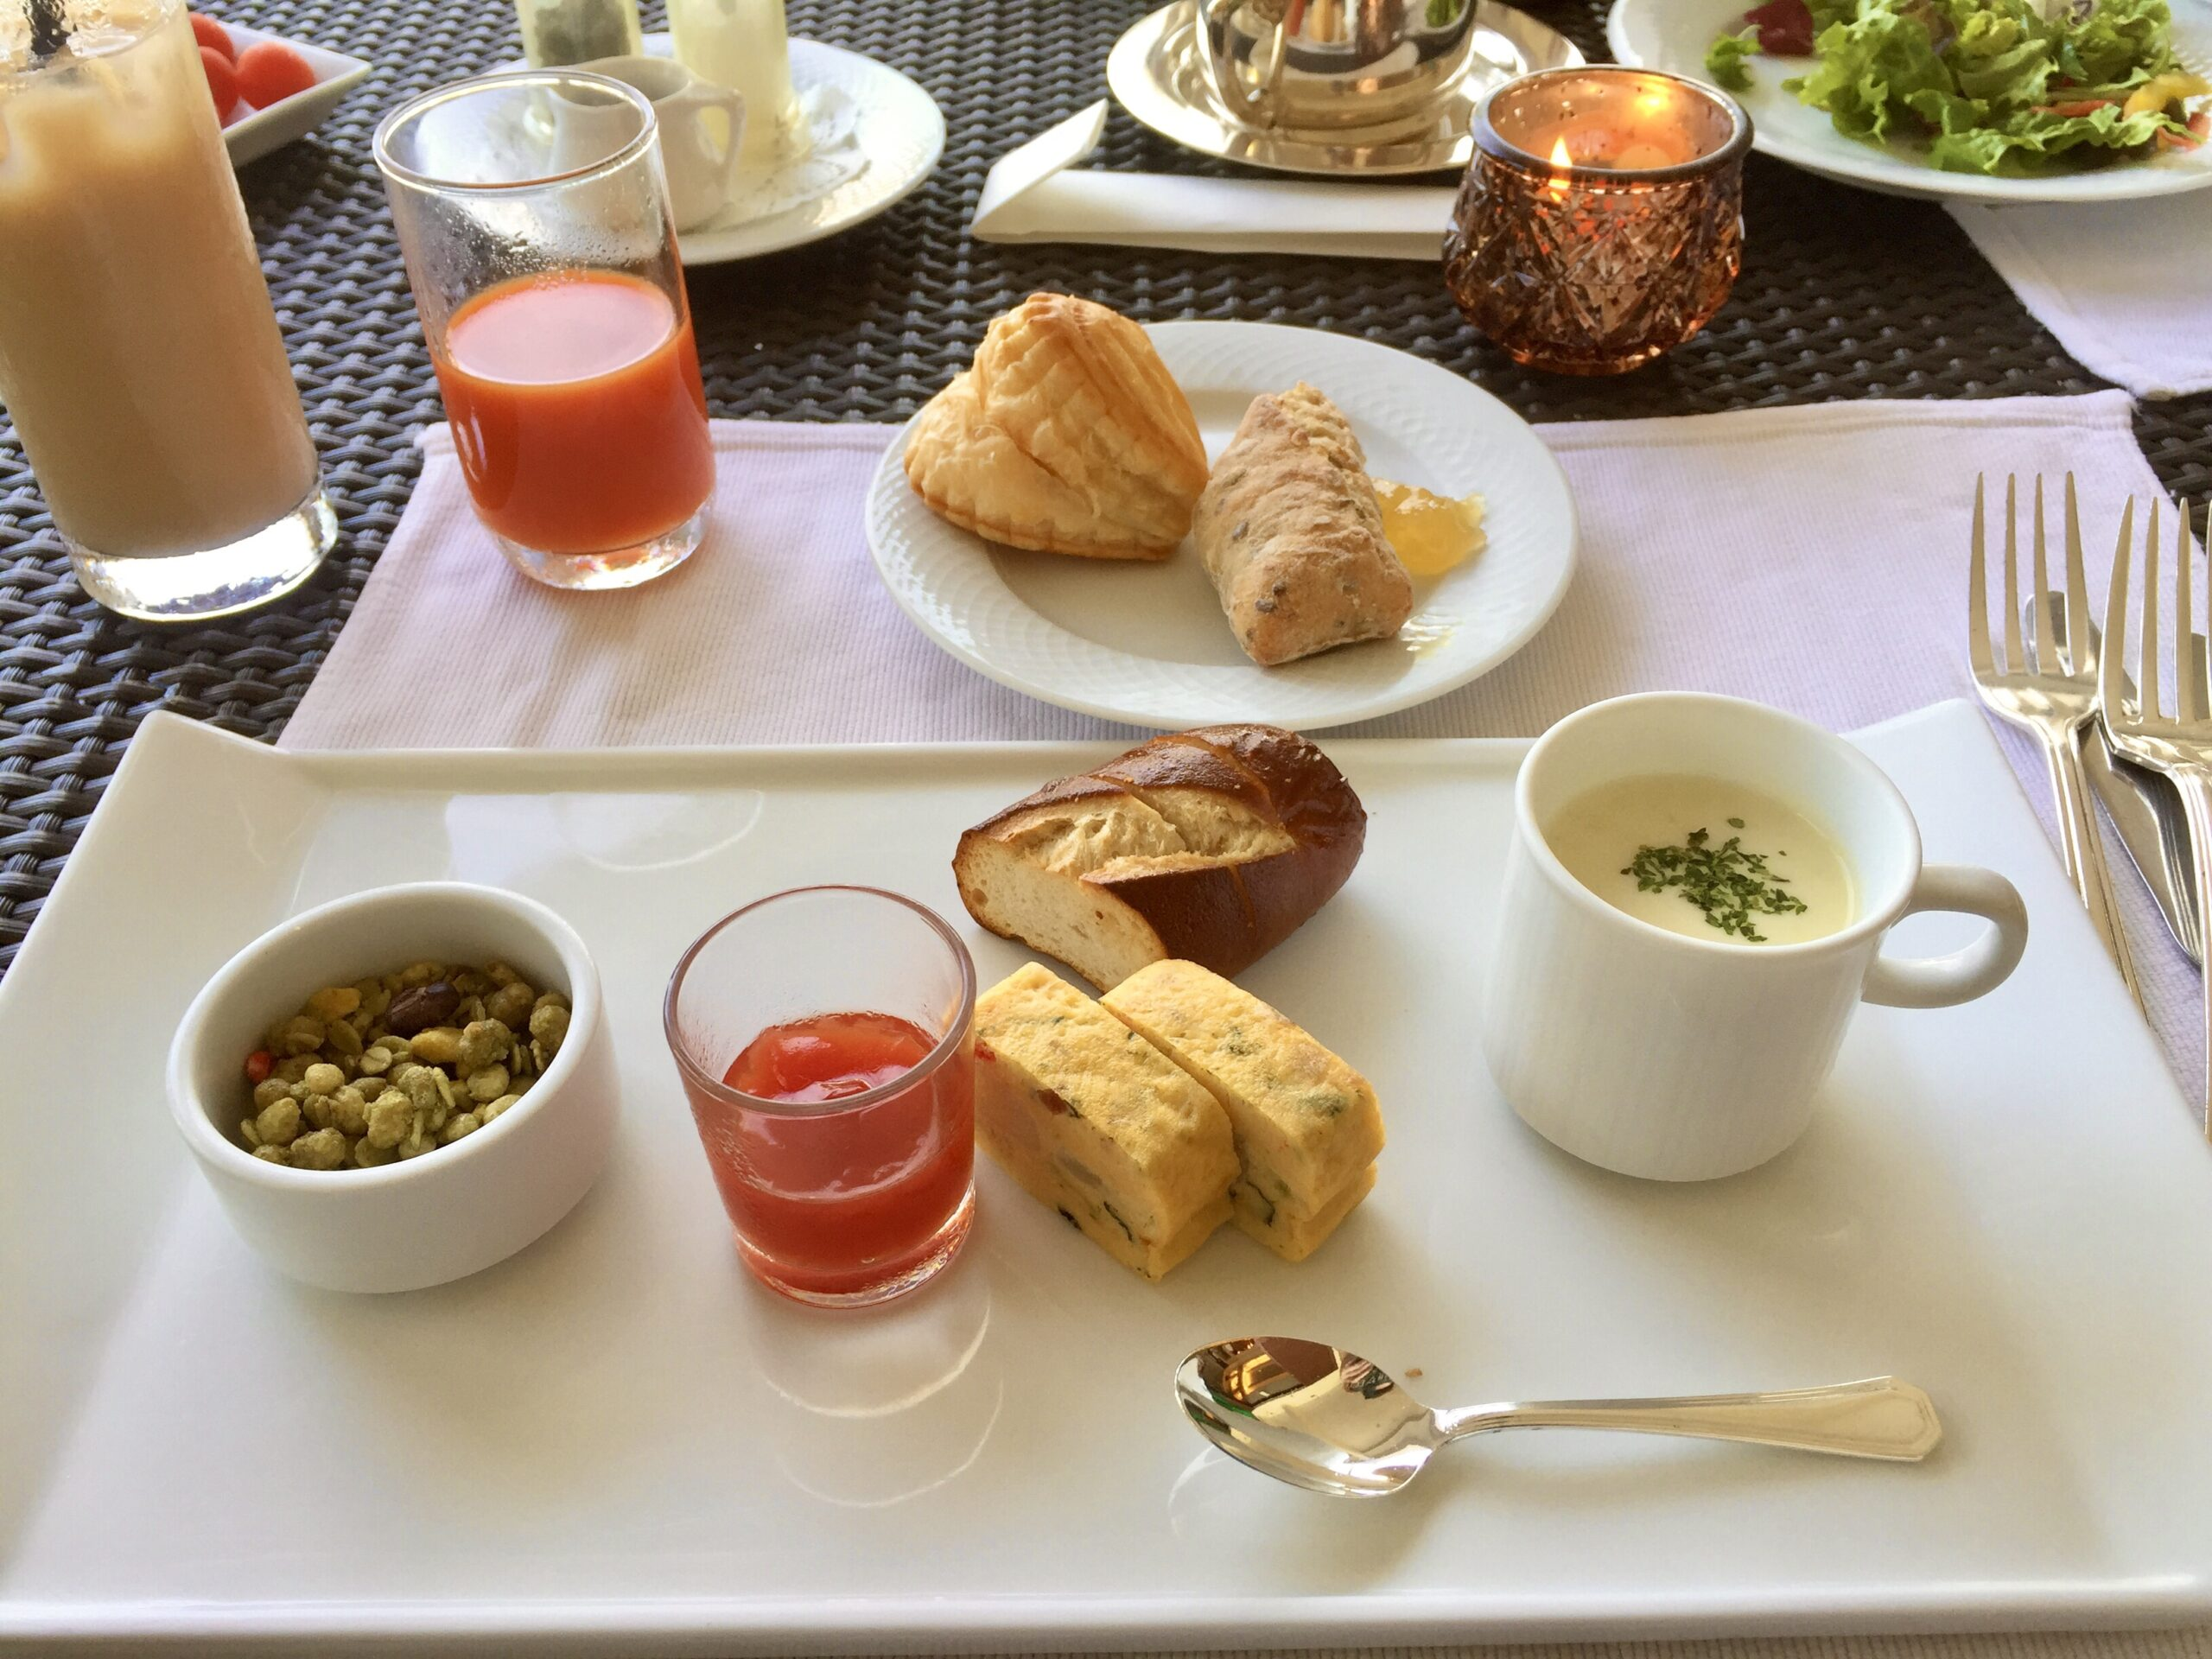 ジアッタテラスクラブタワーズの朝食 ファインダイニング